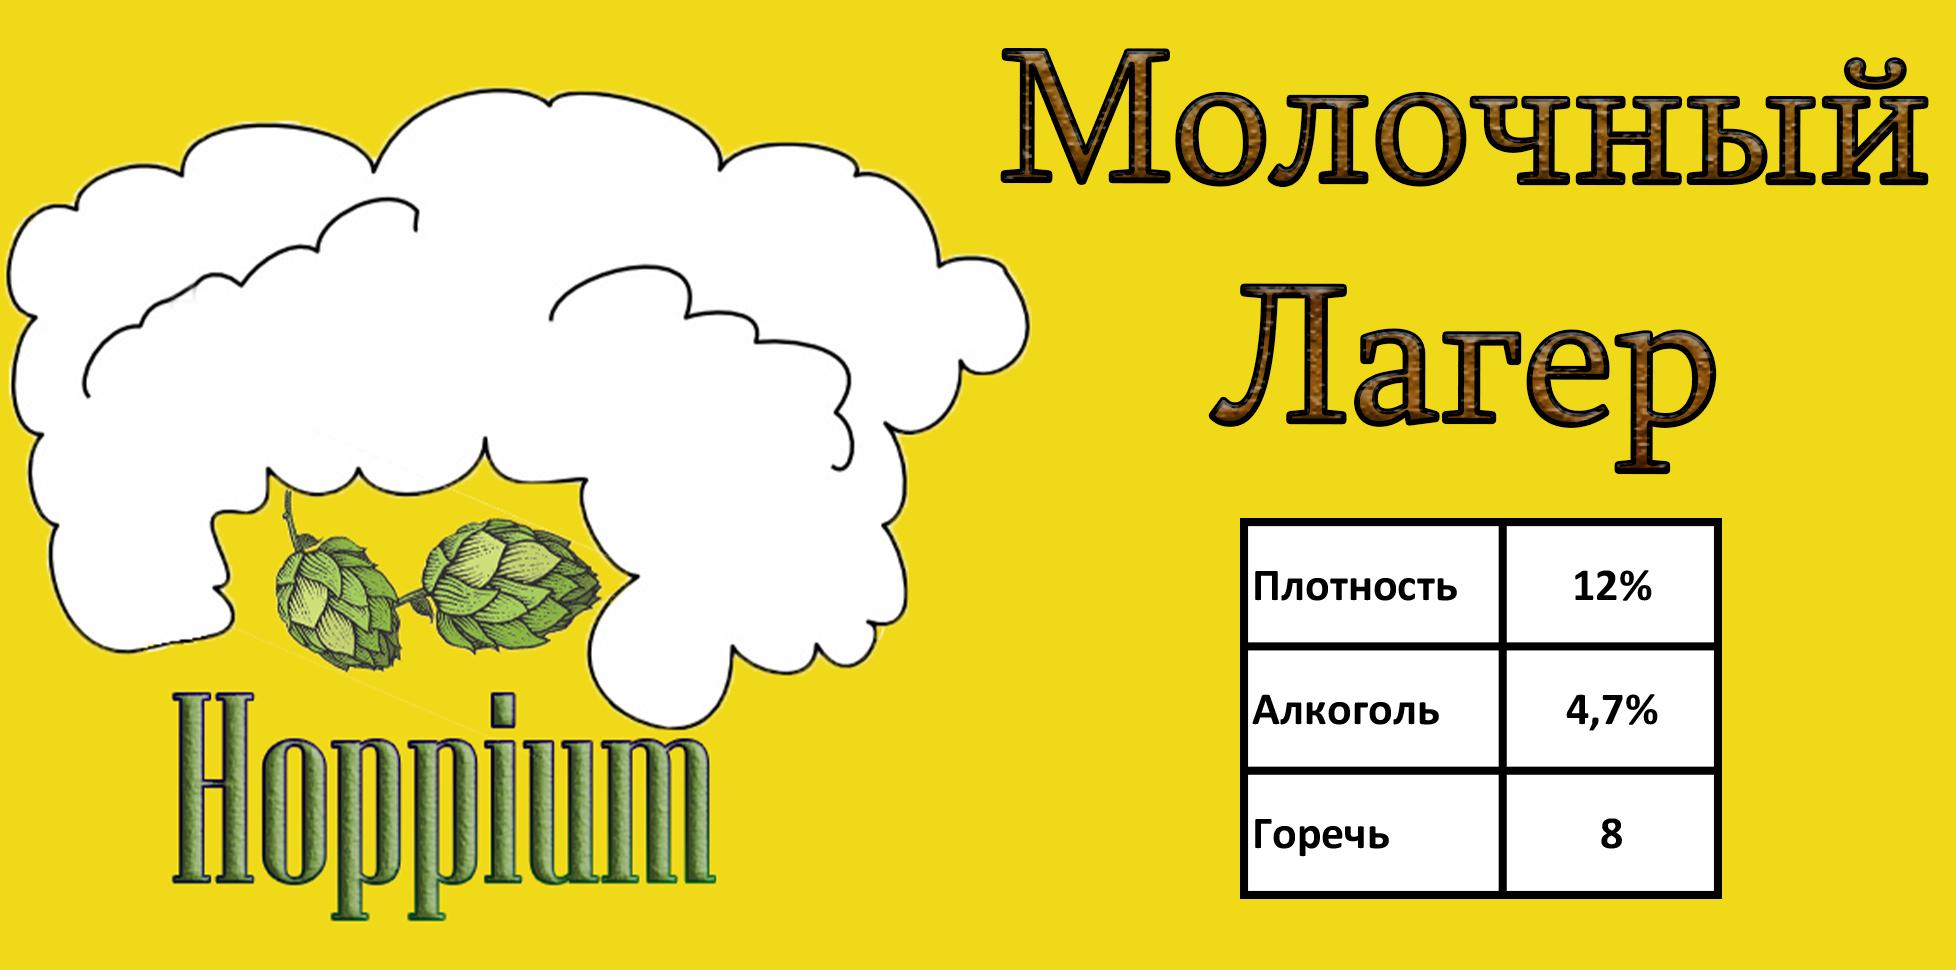 Логотип + Ценники для подмосковной крафтовой пивоварни фото f_2135dbd882ec9c2b.png